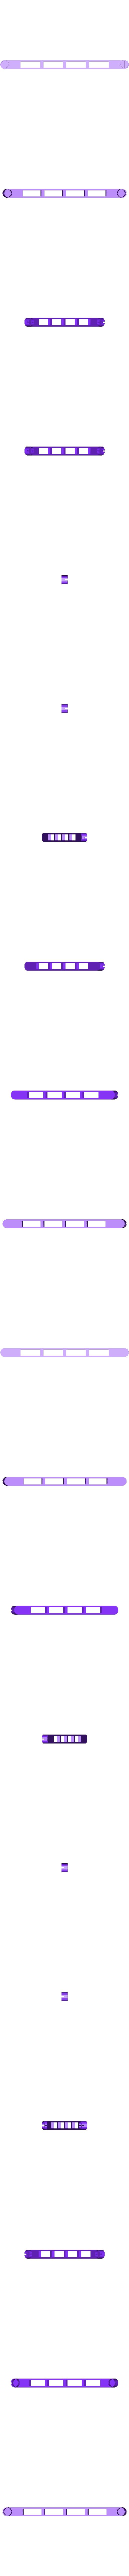 digitizer_back_plate_insert_only.stl Télécharger fichier STL gratuit Plaque d'identification du dos du numériseur Makerbot • Modèle pour impression 3D, Not3dred